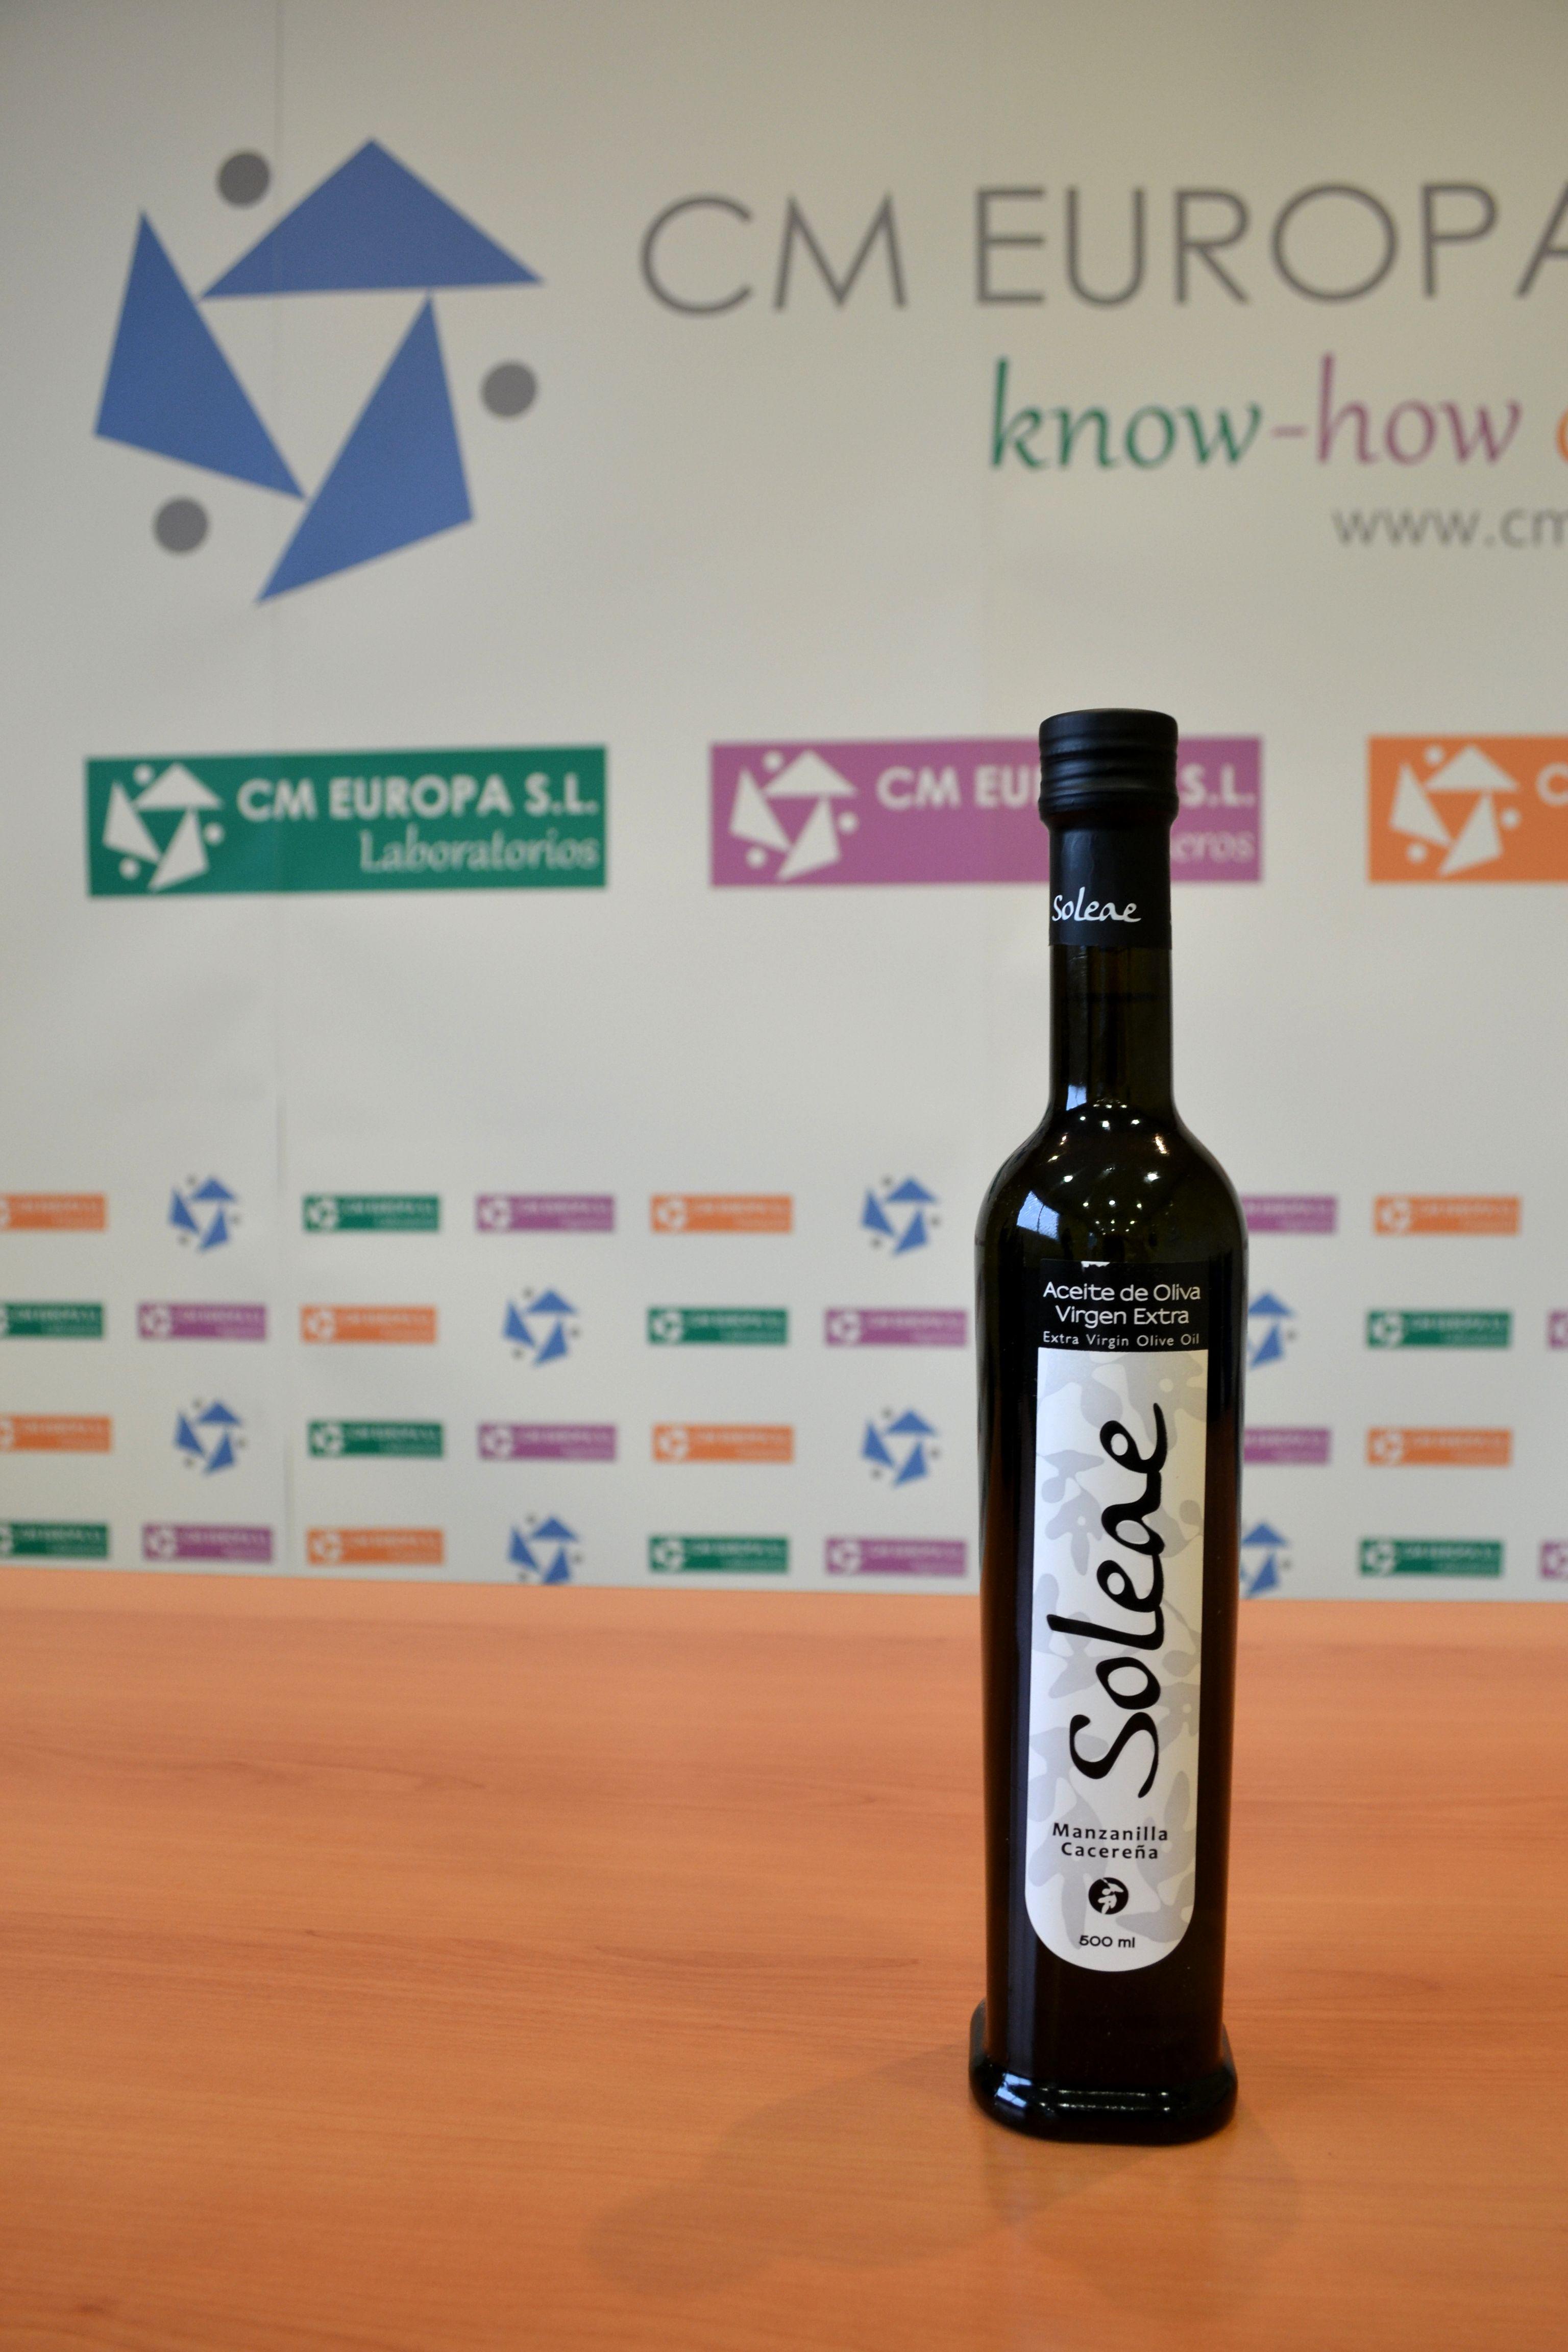 Aceite de Oliva Virgen Extra presente en #Twittsandaove 2013 de la variedad Manzanilla CacereñaC_1511